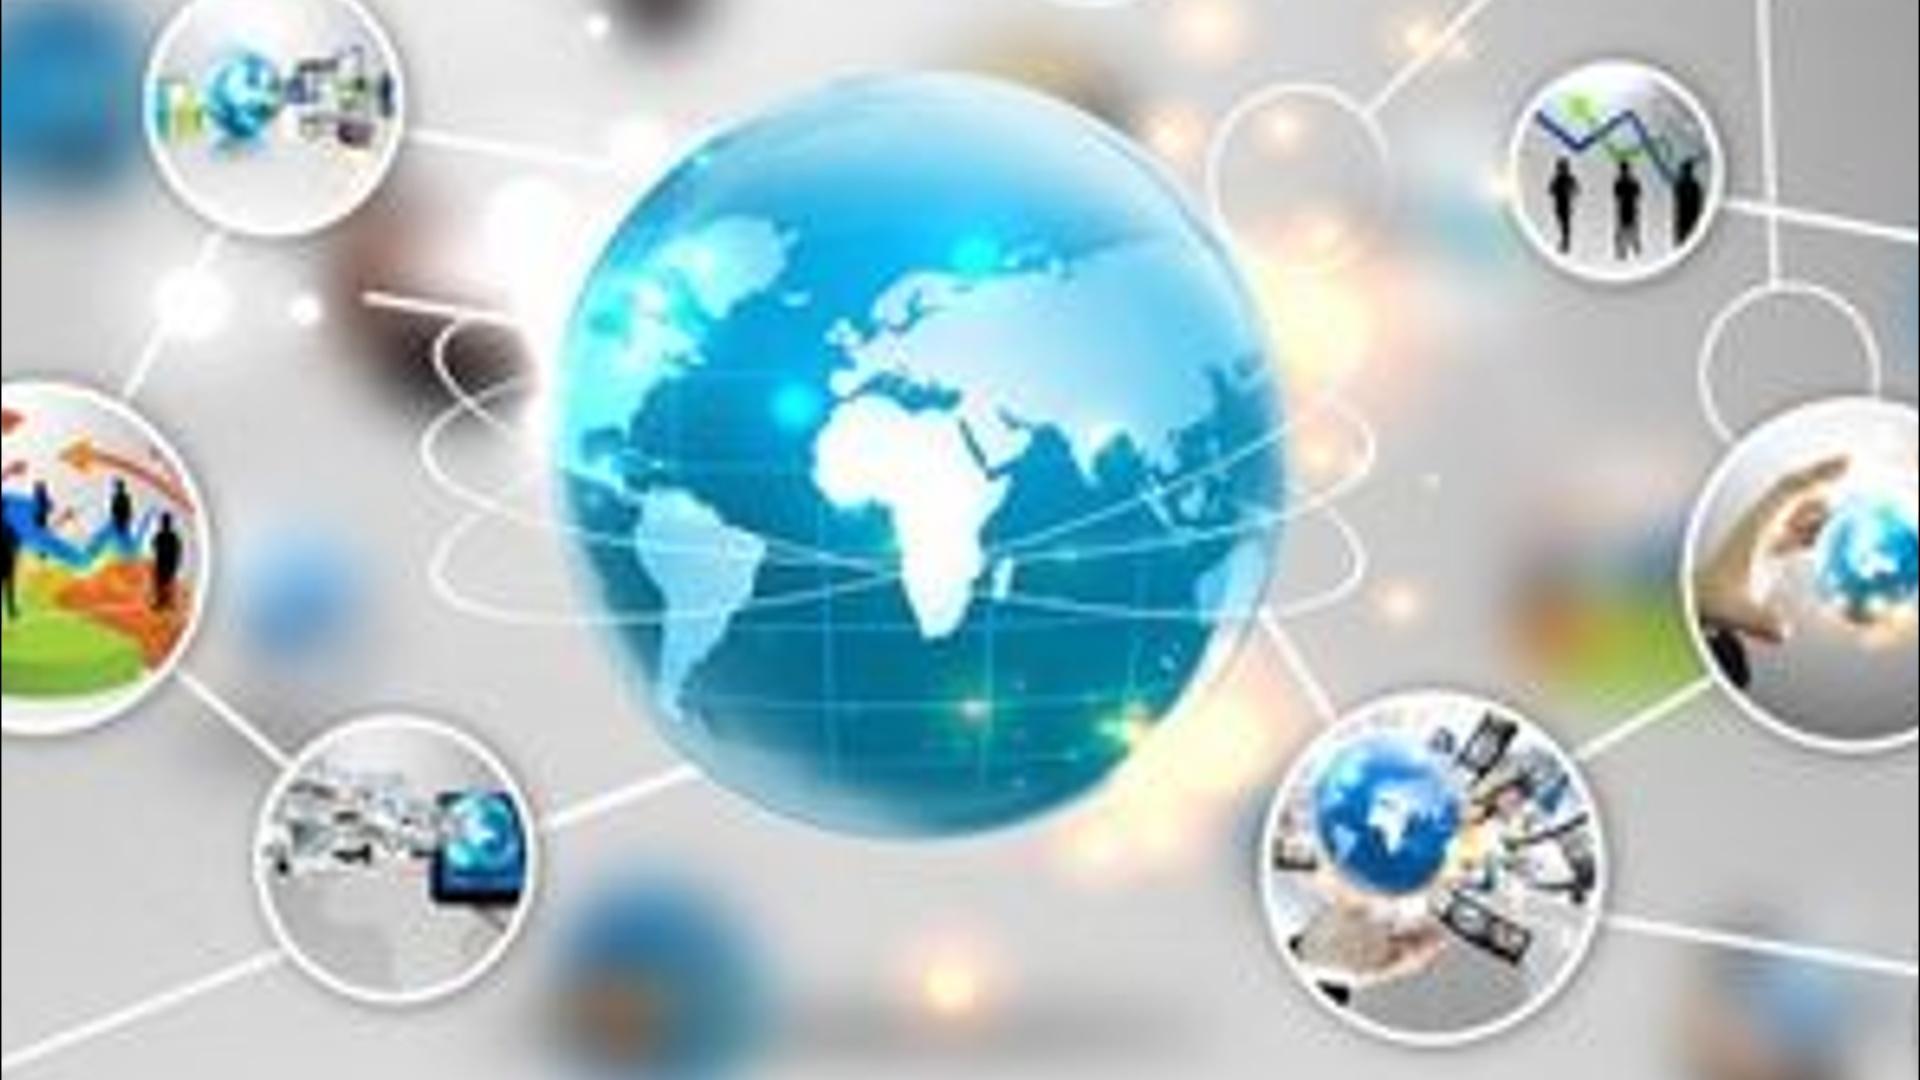 2020-ci ilədək planetin internetə çıxışının təmin olunması planlaşdırılır